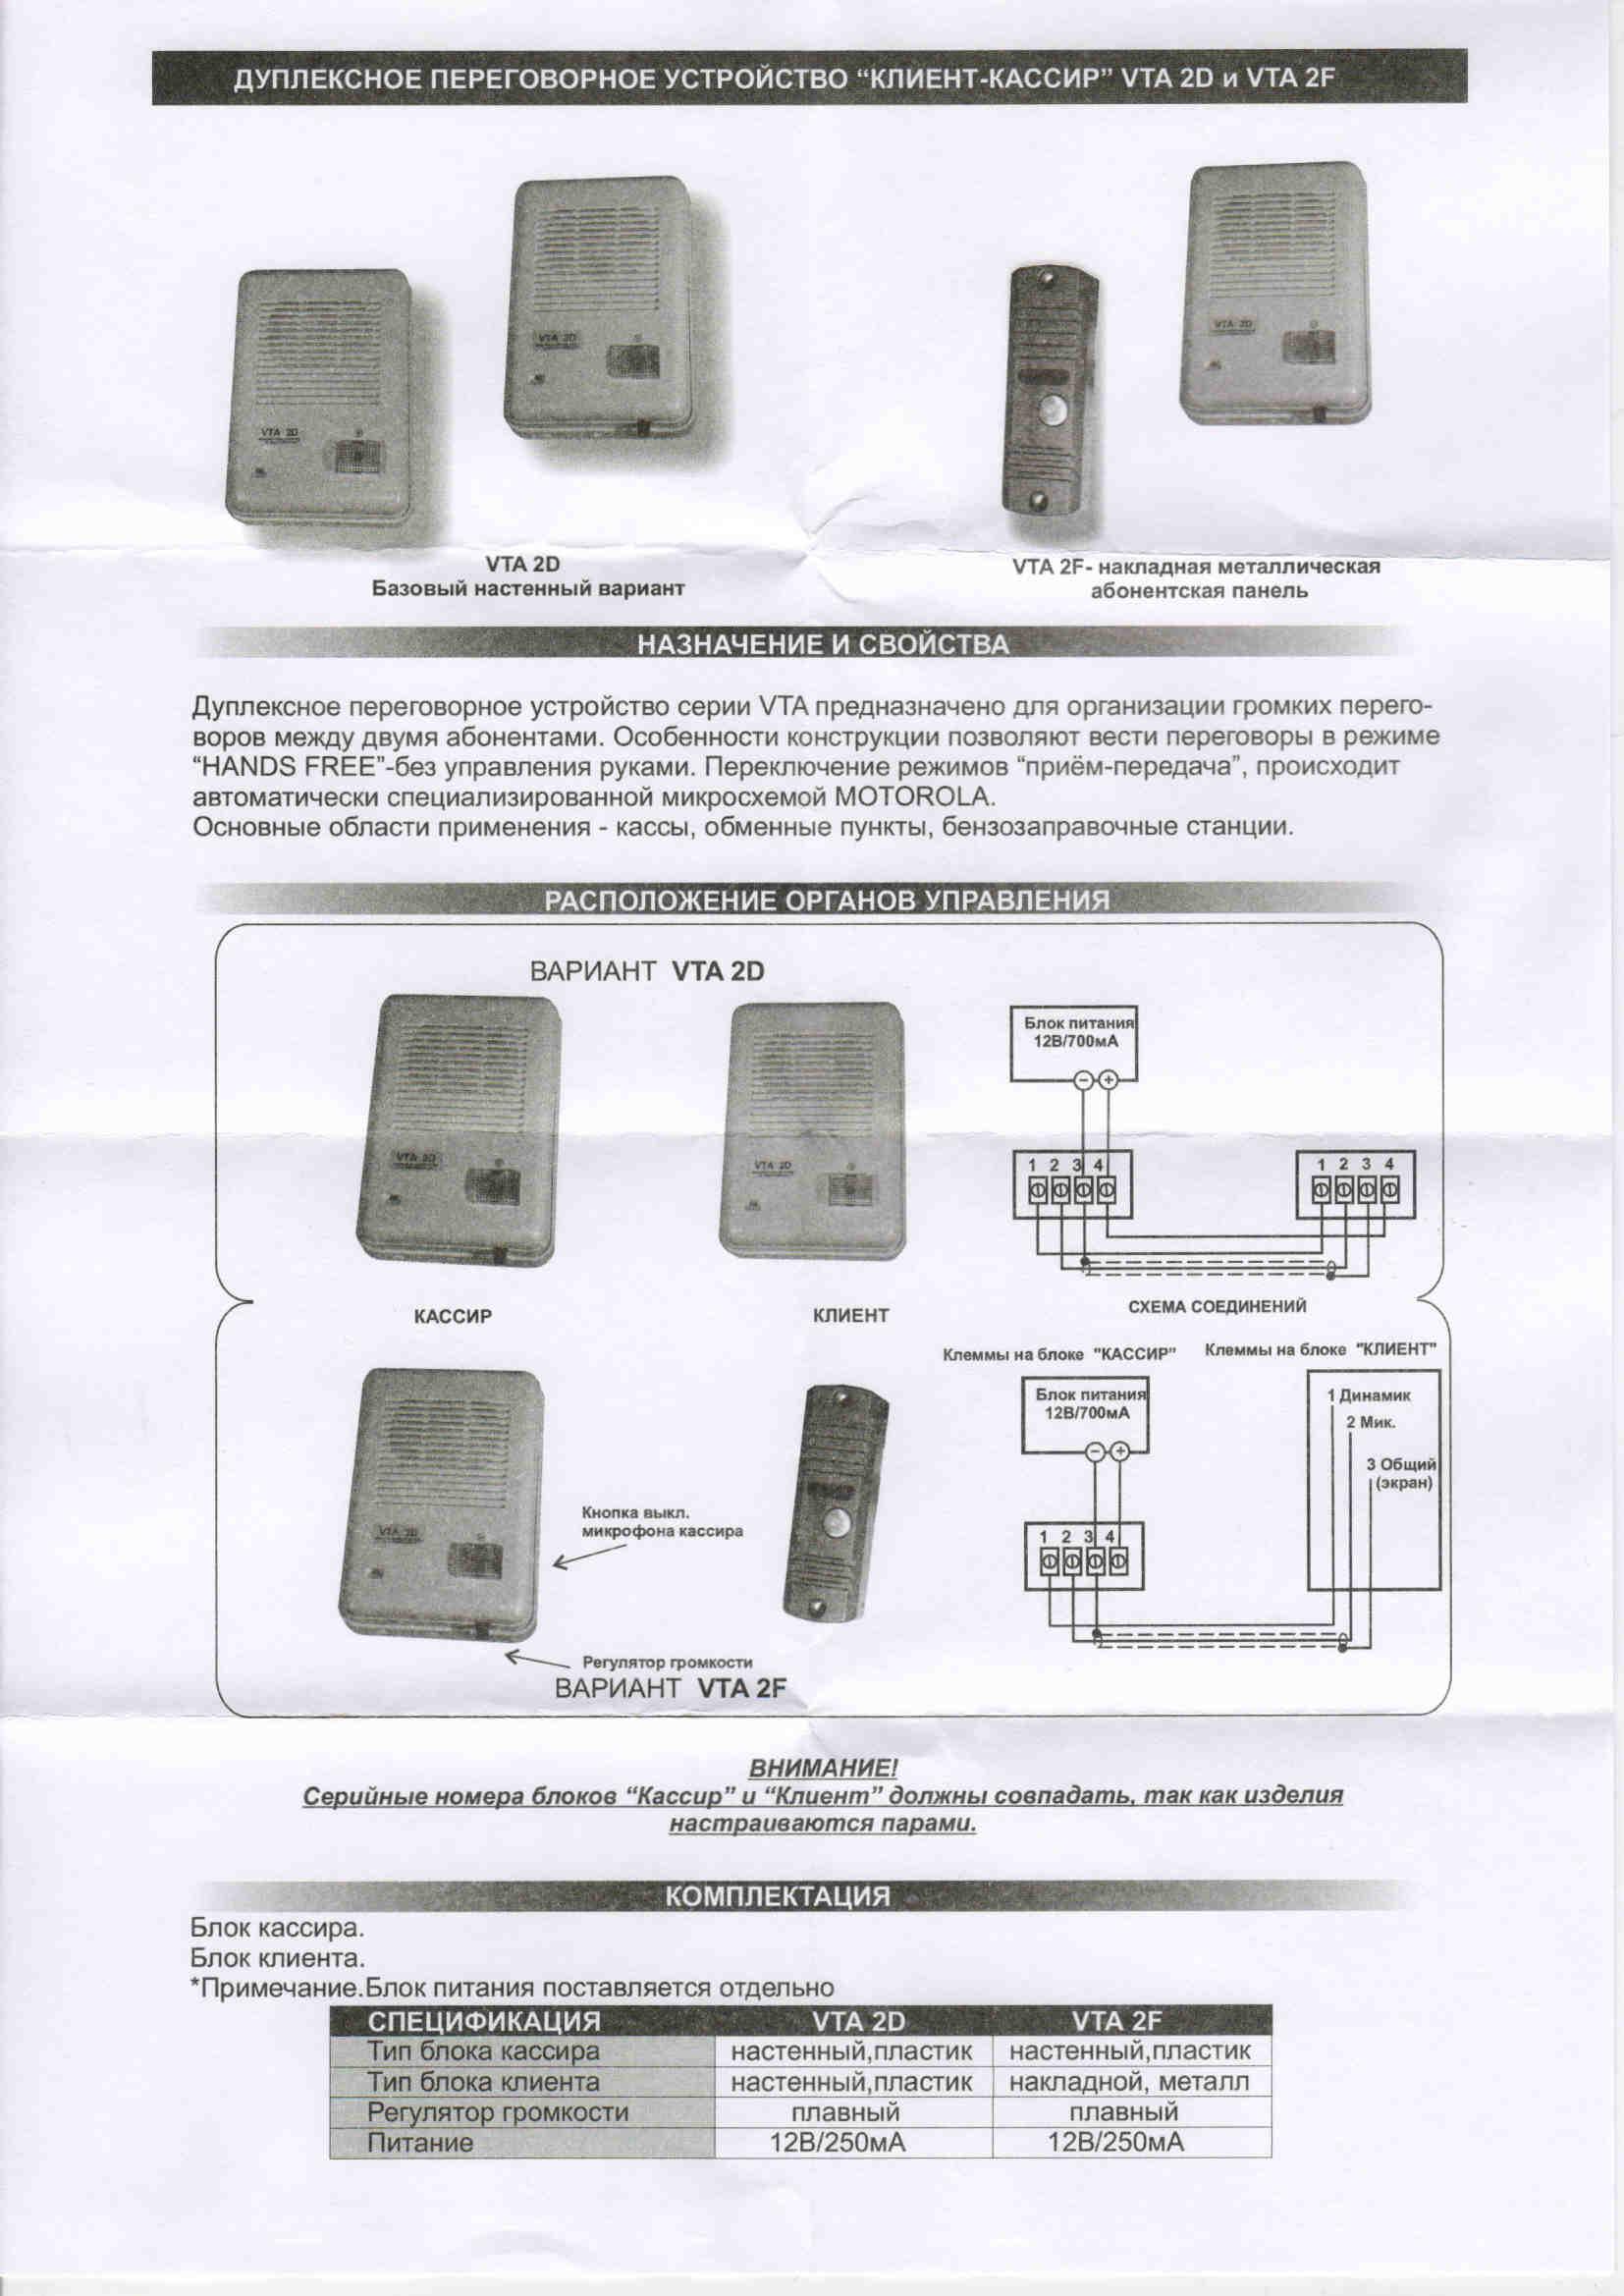 Переговорное устройство vta 2f схема подключения